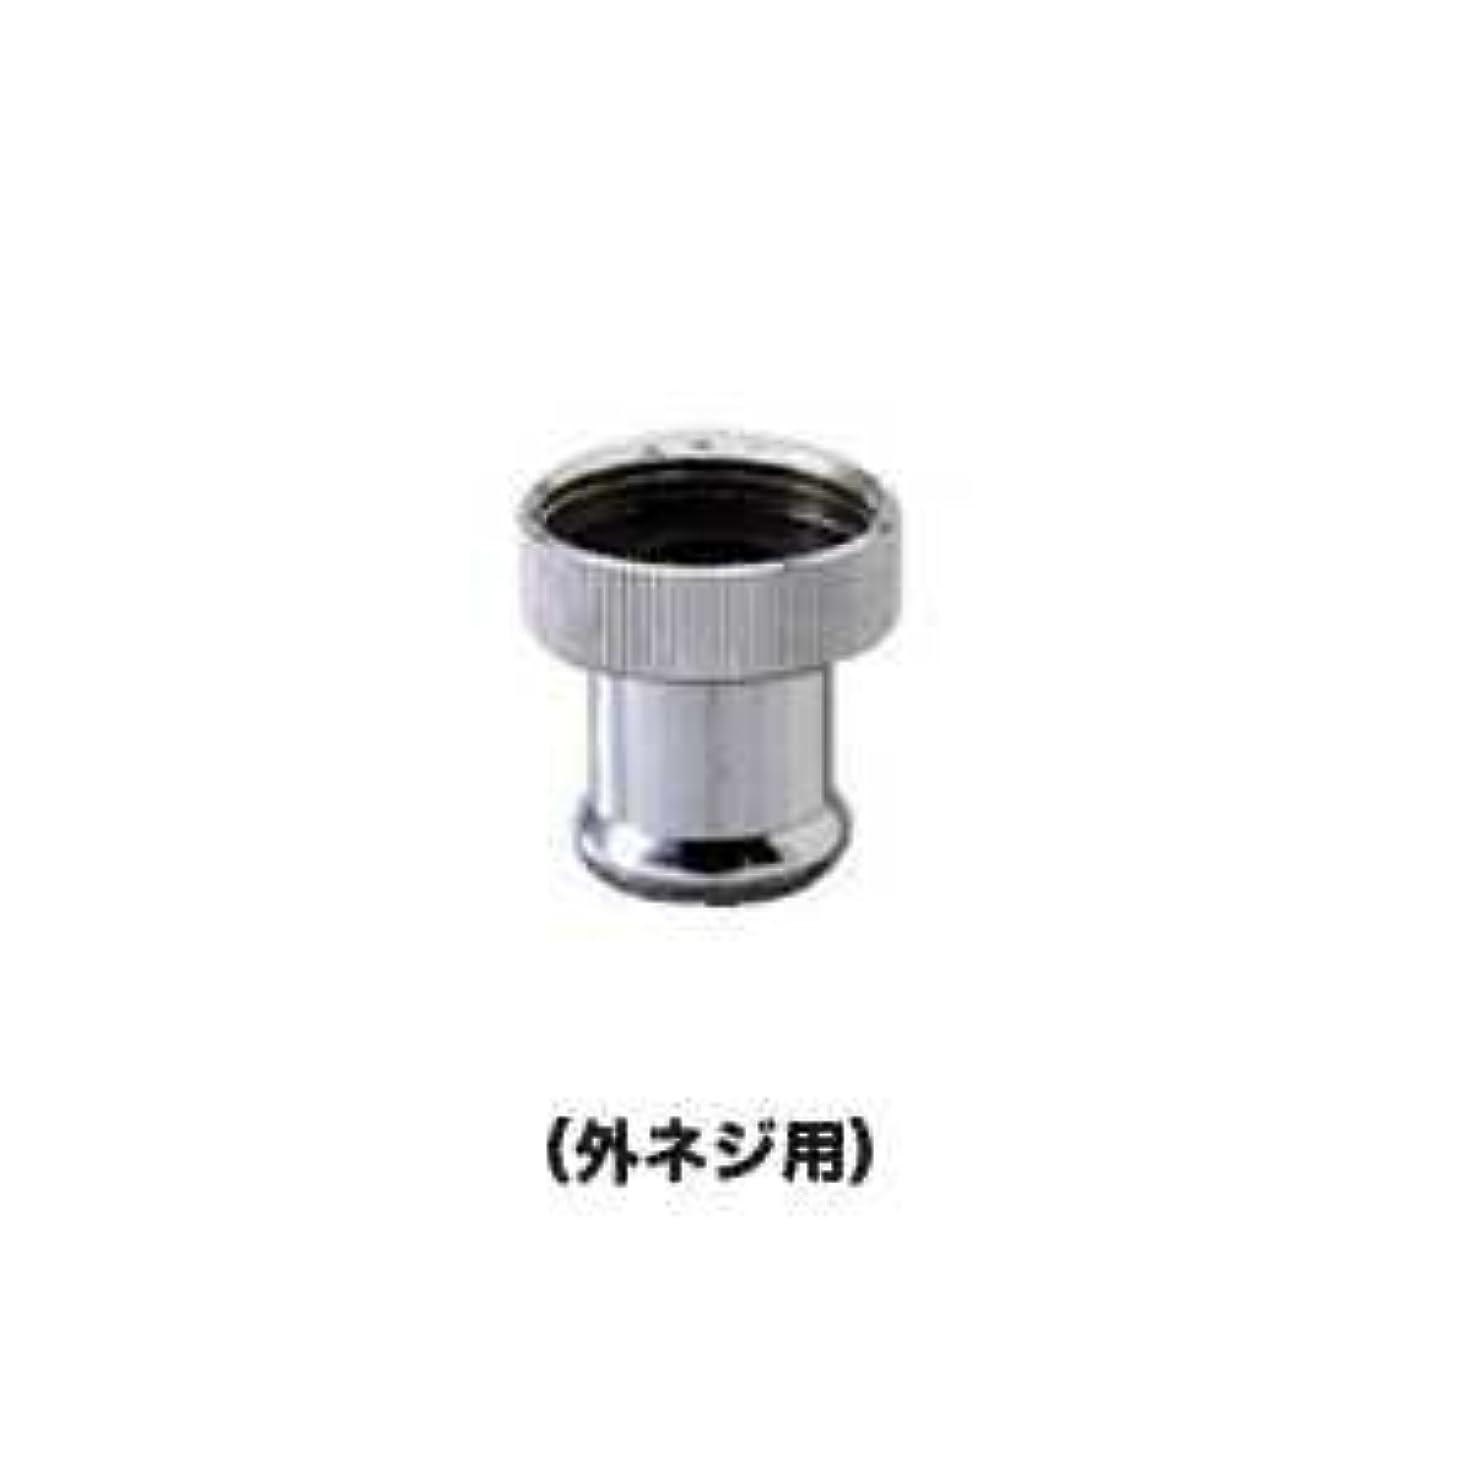 マウス文献アーティキュレーションケルヒャー 泡沫水栓用アダプター(外ネジ用)KARCHER 9.548-322.0